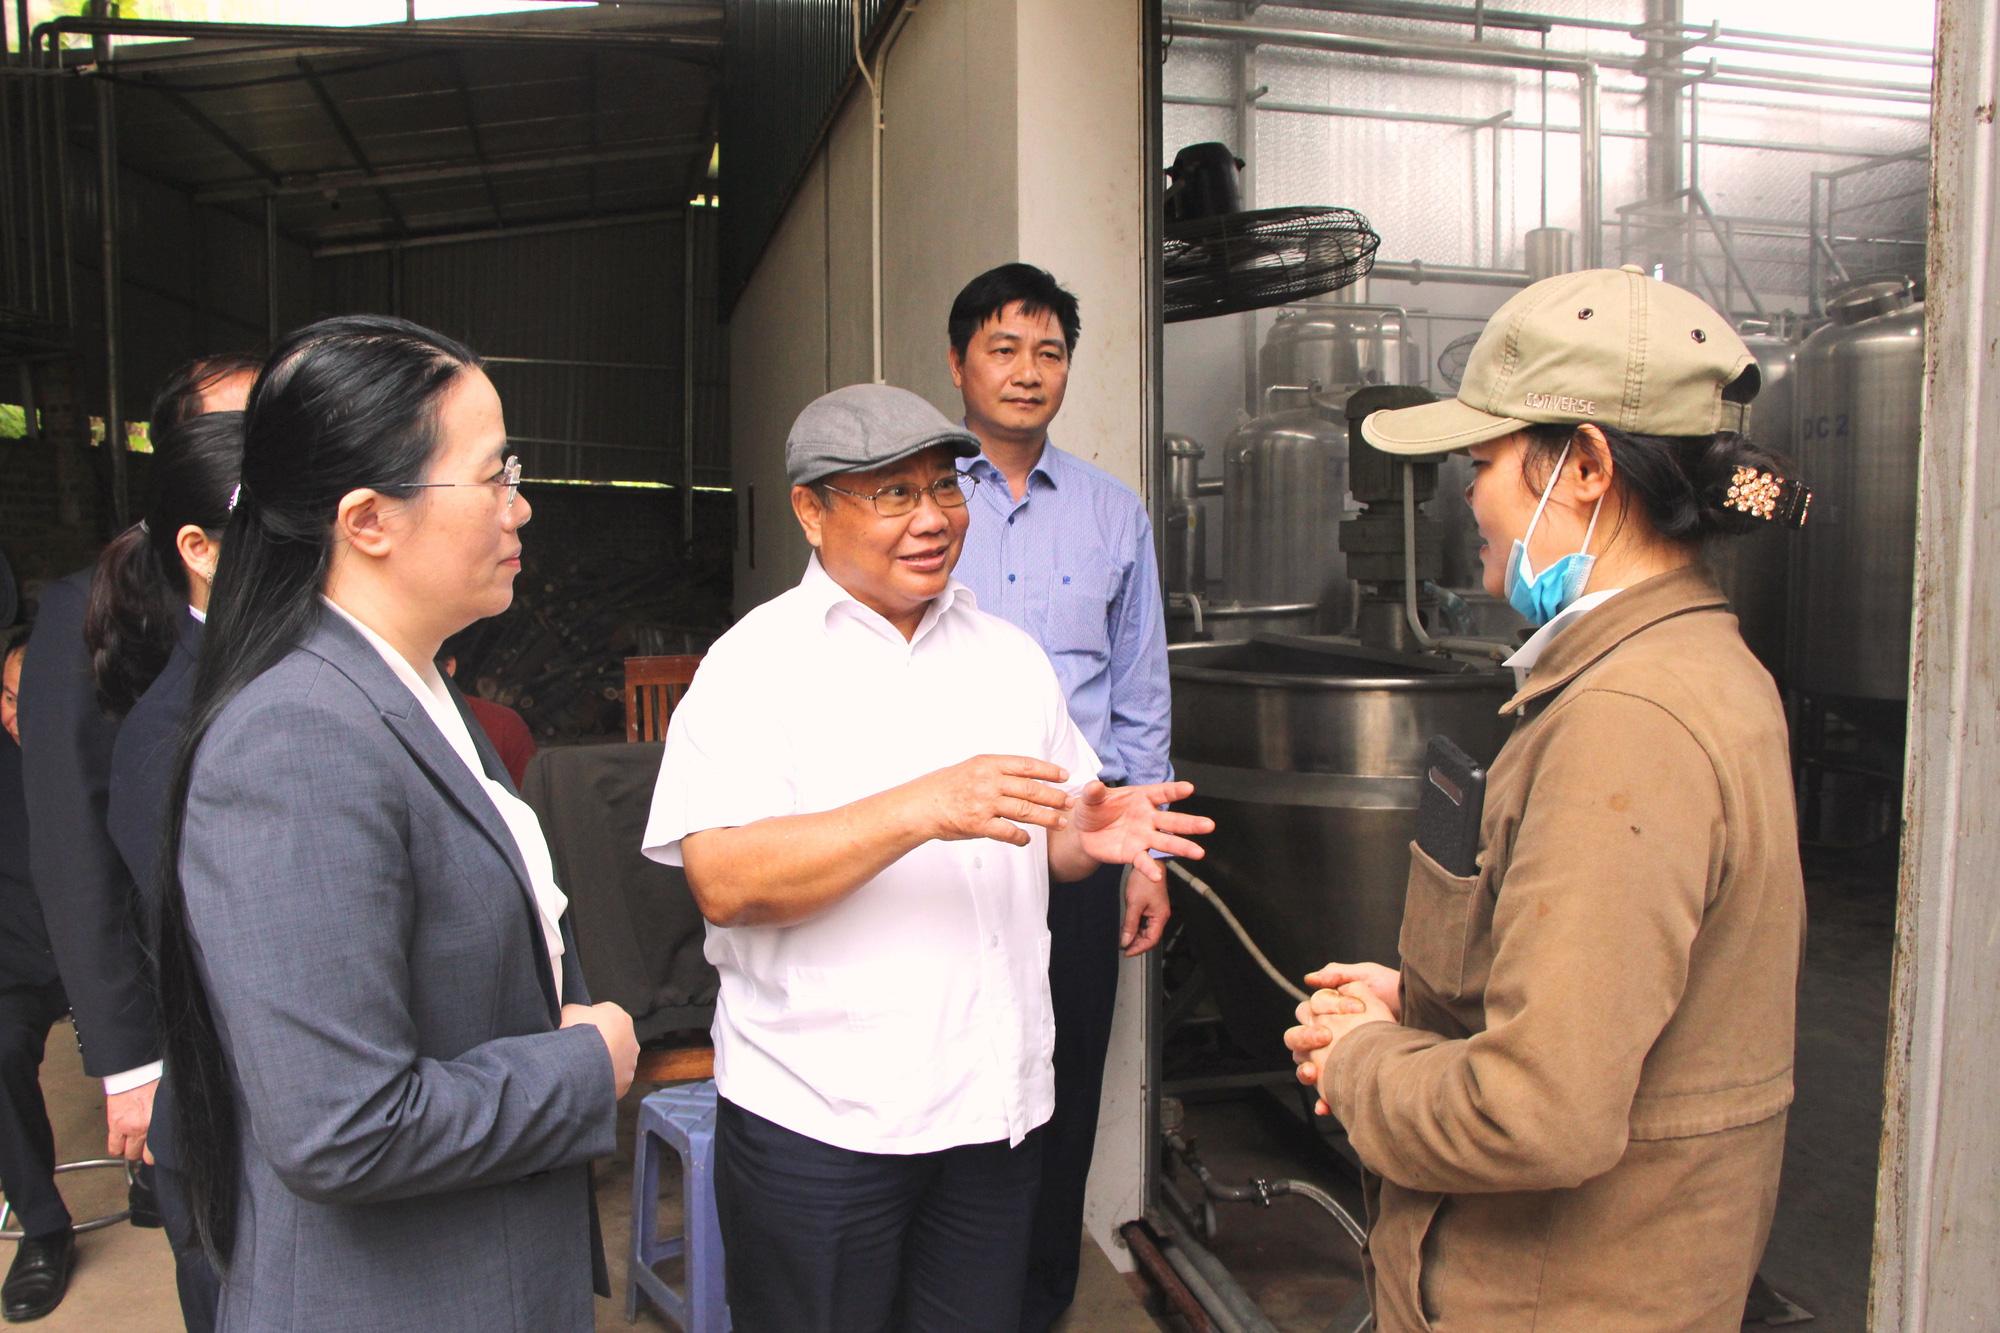 Phó Chủ tịch Hội Nông dân Việt Nam thăm nơi cả làng là người Dao làm nghề thuốc Nam - Ảnh 1.